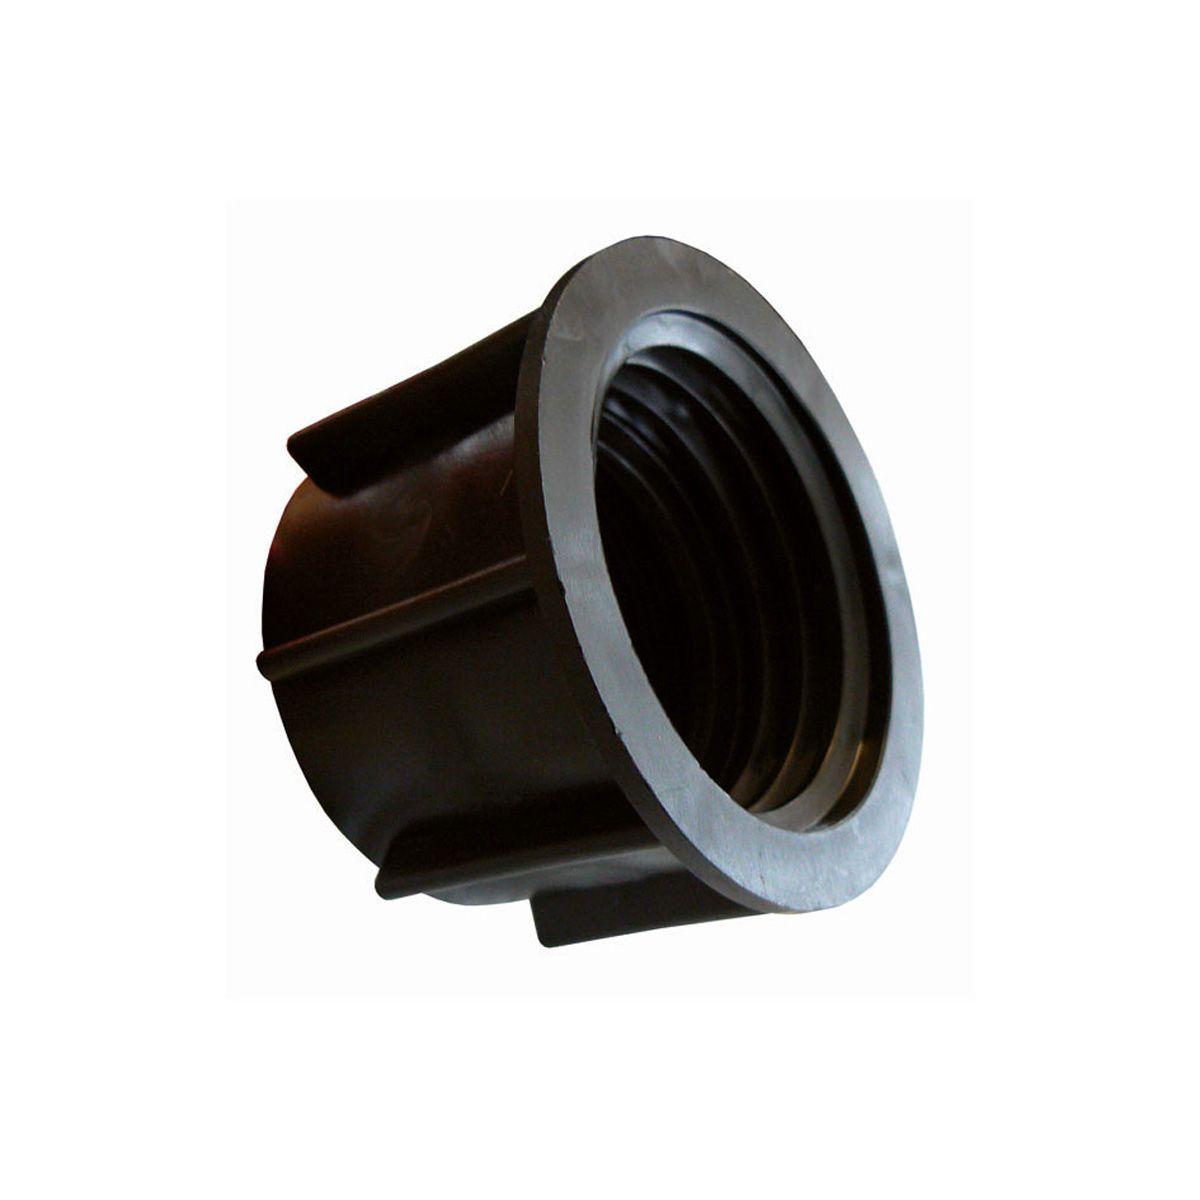 Adapter zu IBC Container, aus Kunststoff, schwarz, S60 x 6 IG -  IG 2'